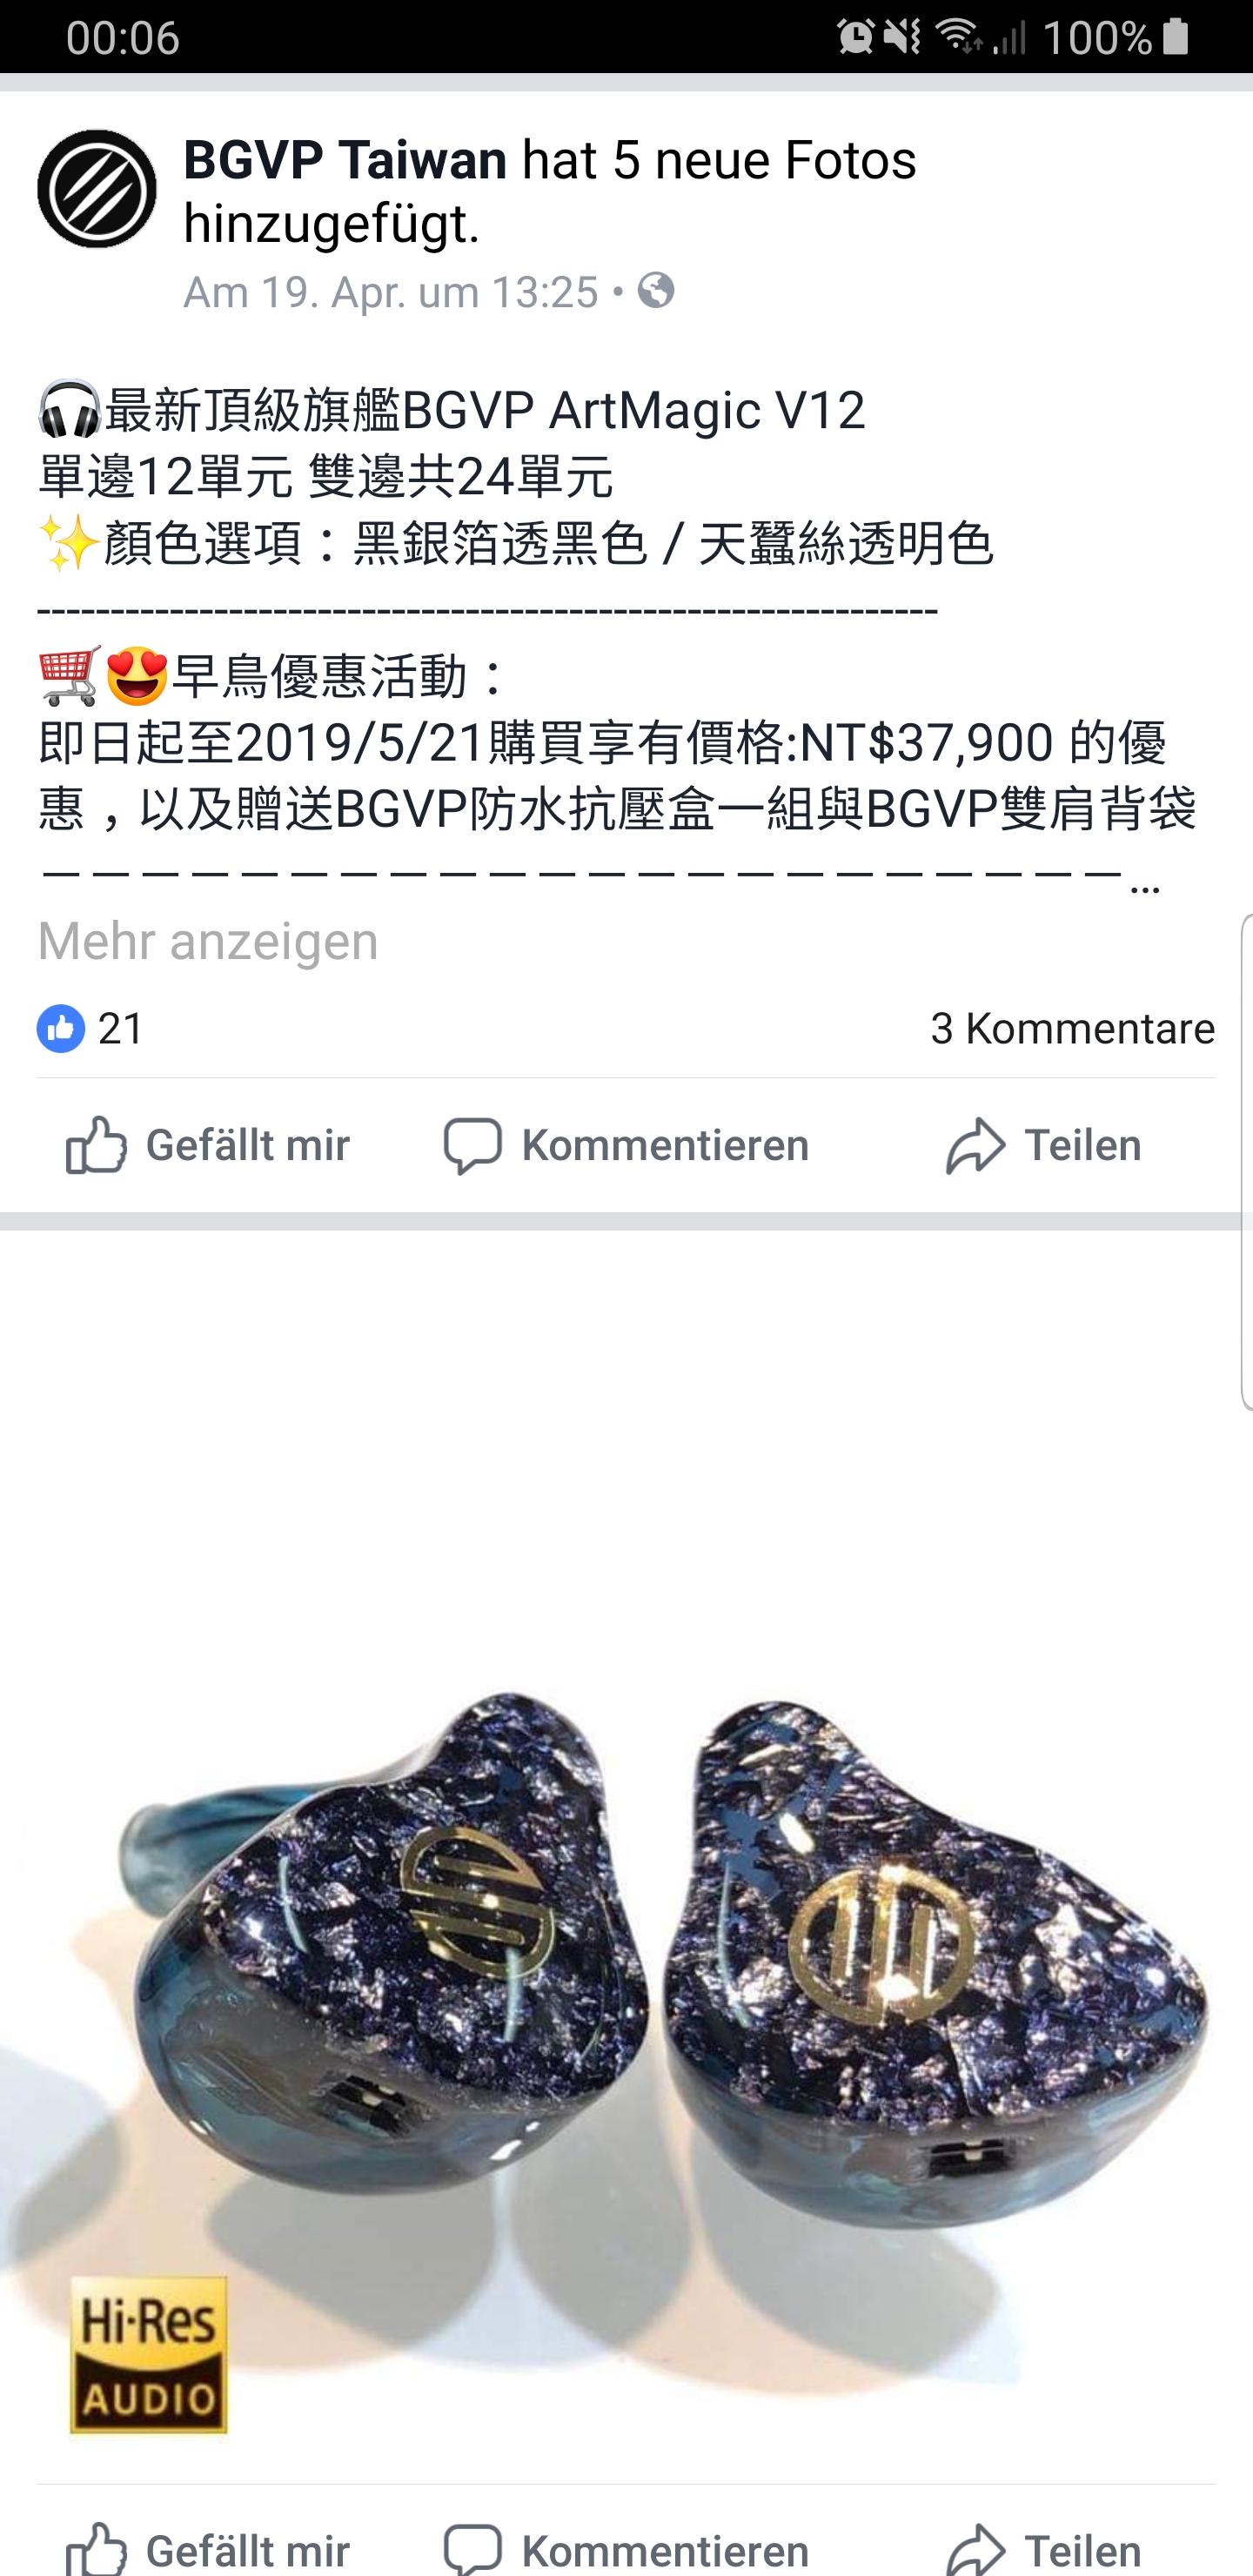 Screenshot_20190425-000614_Facebook.jpg